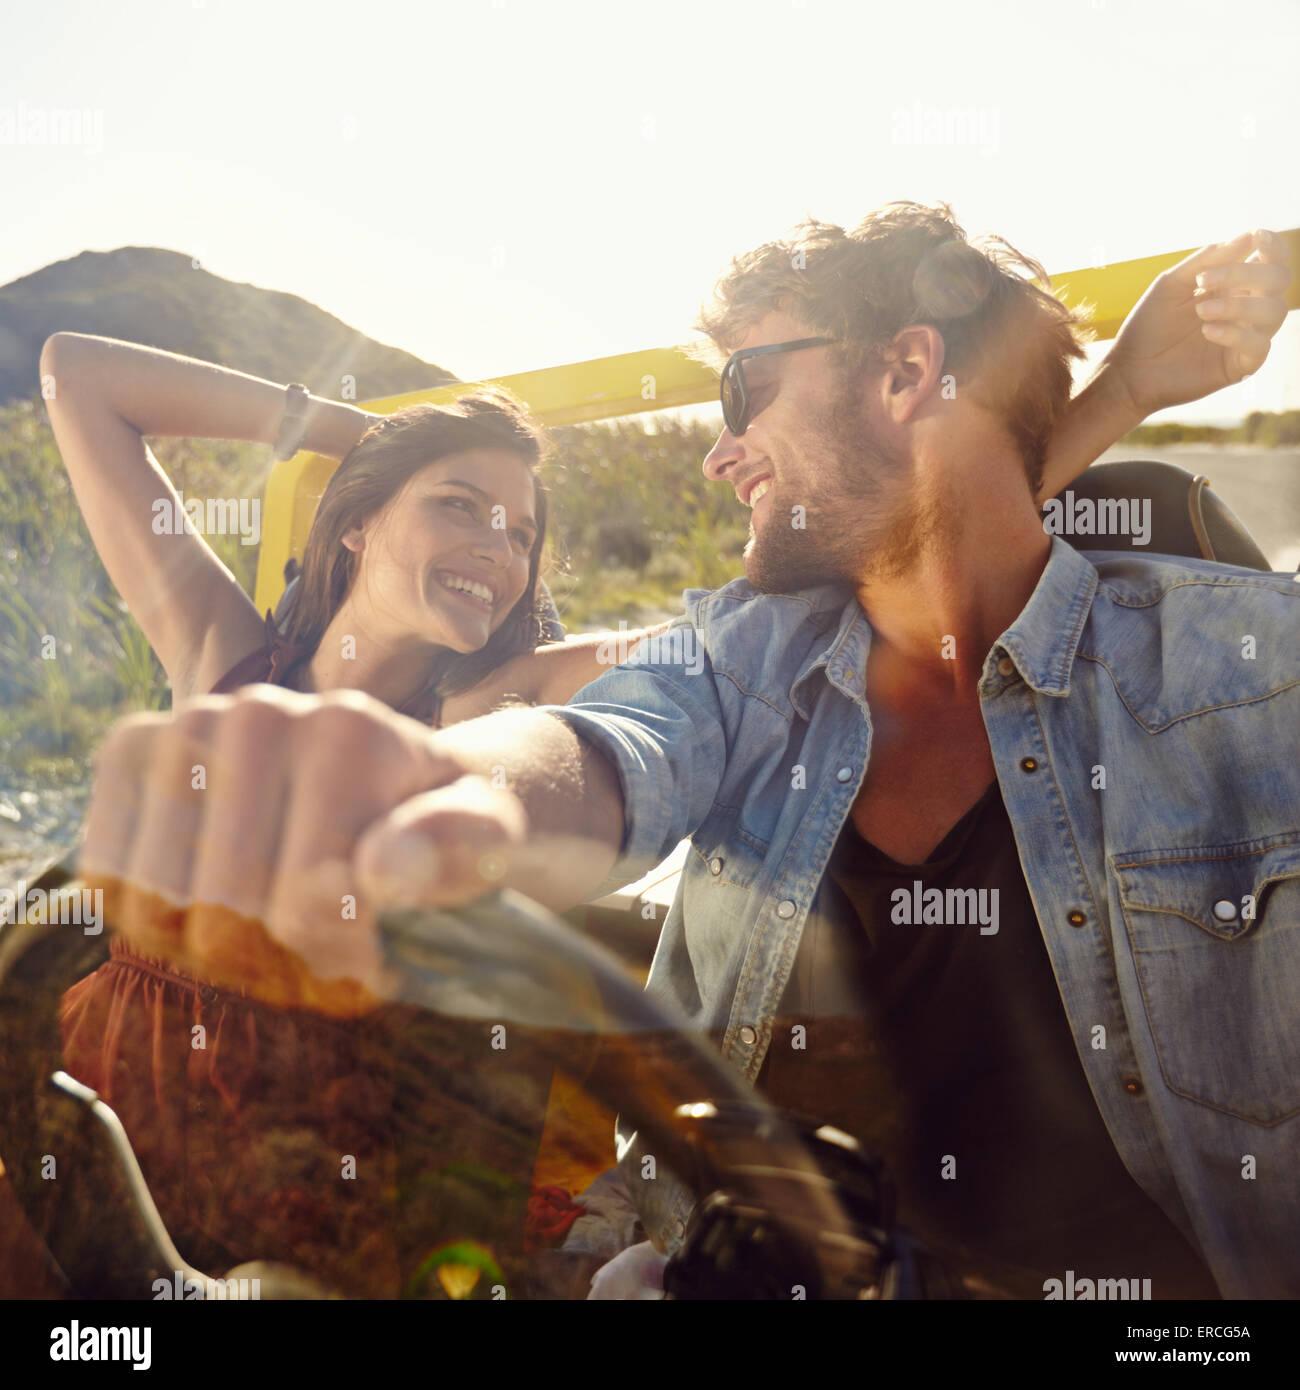 Heureux jeune homme et femme dans une voiture bénéficiant d'un voyage sur la route un jour d'été. Photo Stock